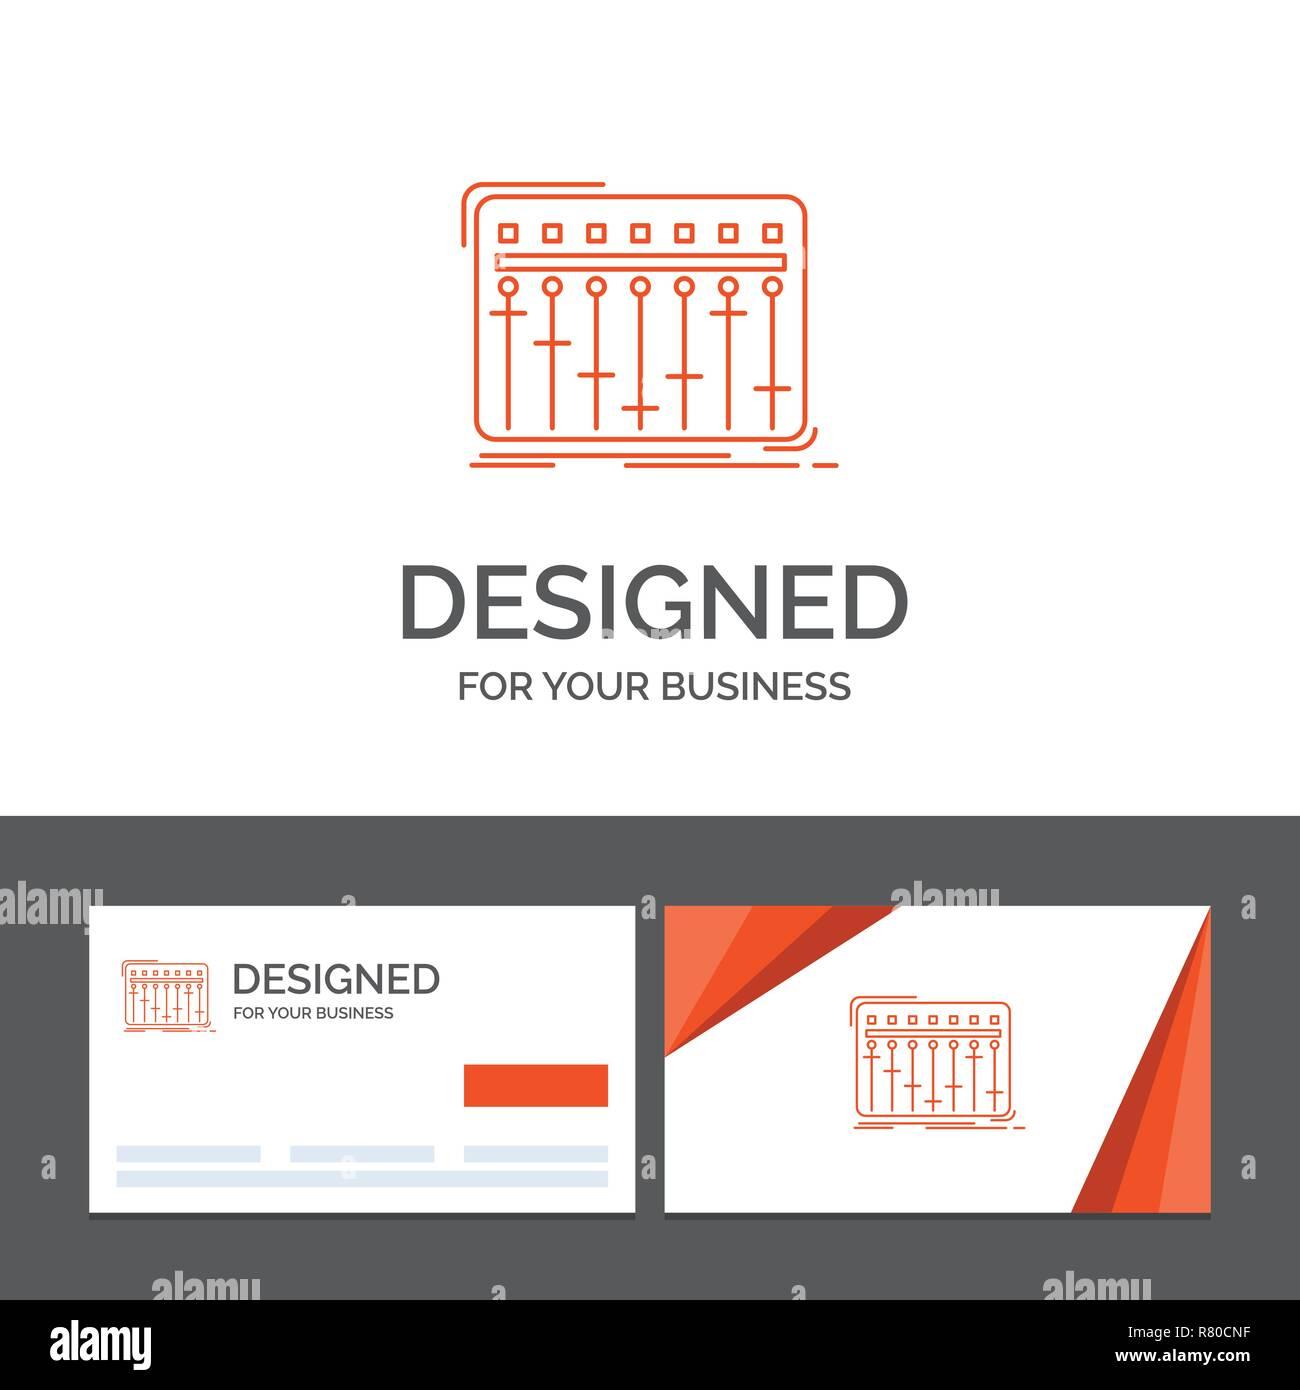 Modele De Logo Dentreprise Pour La Console Mixage Dj Musique Studio Cartes Visite Orange Avec Marque Template